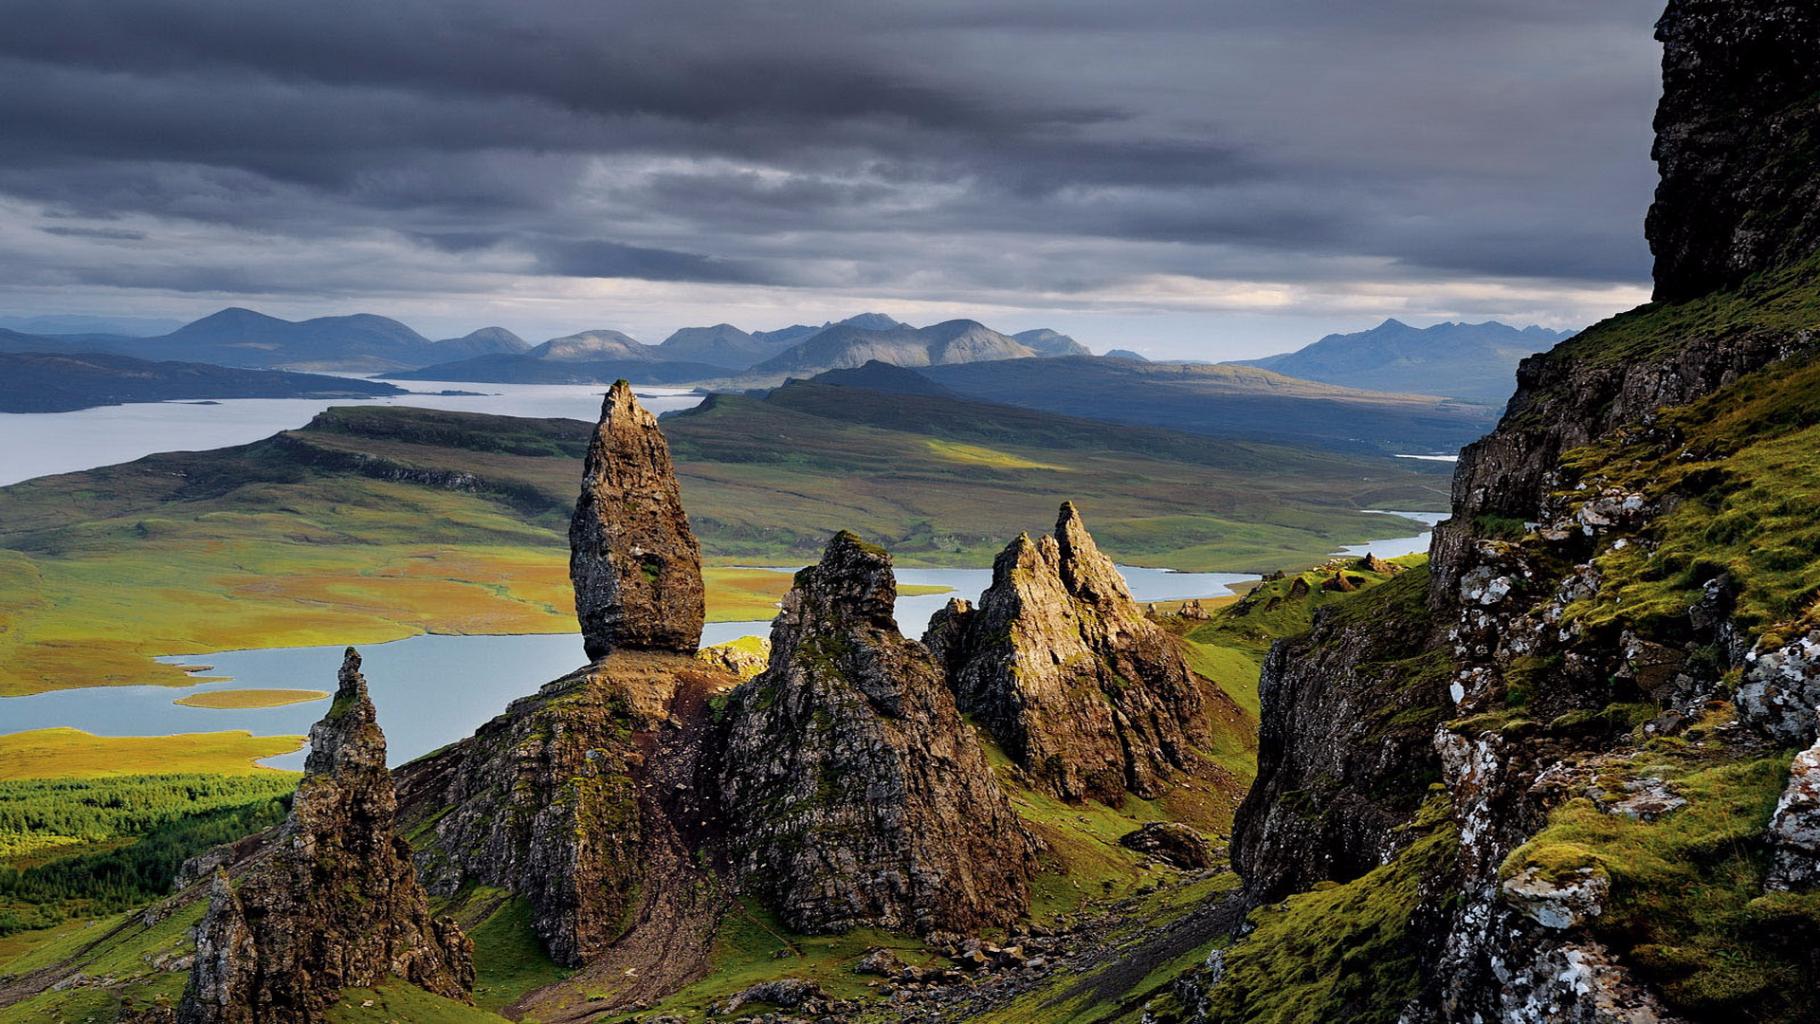 Scottish-Highlands-Nature-Landscape-Wallpaper-03